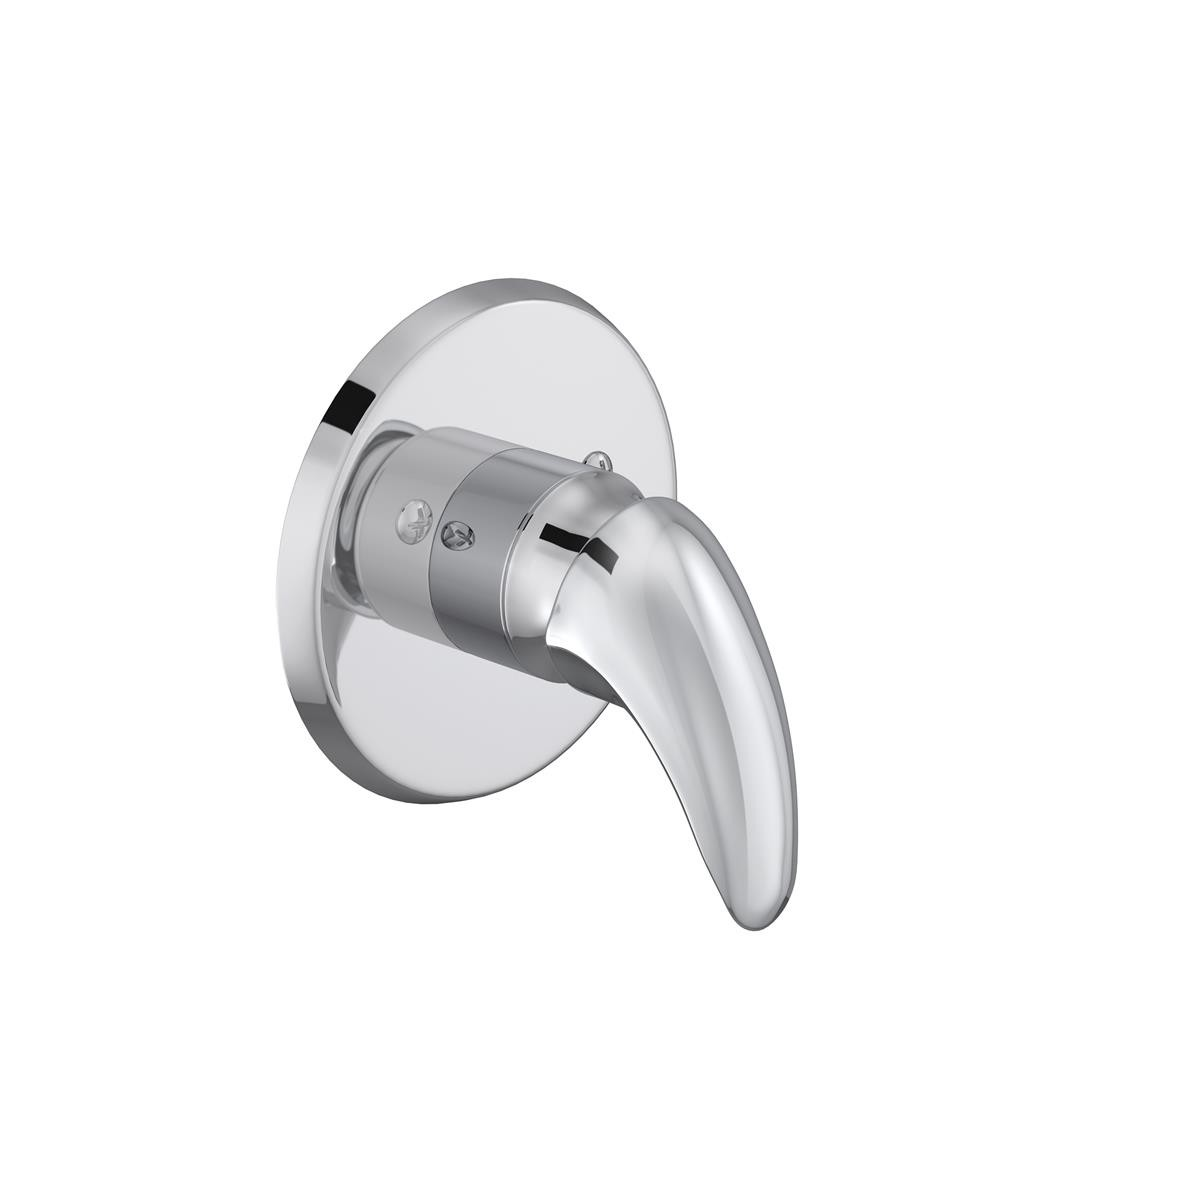 Acabamento Monocomando Smart Ducha Higiênica 4993.c71 Deca